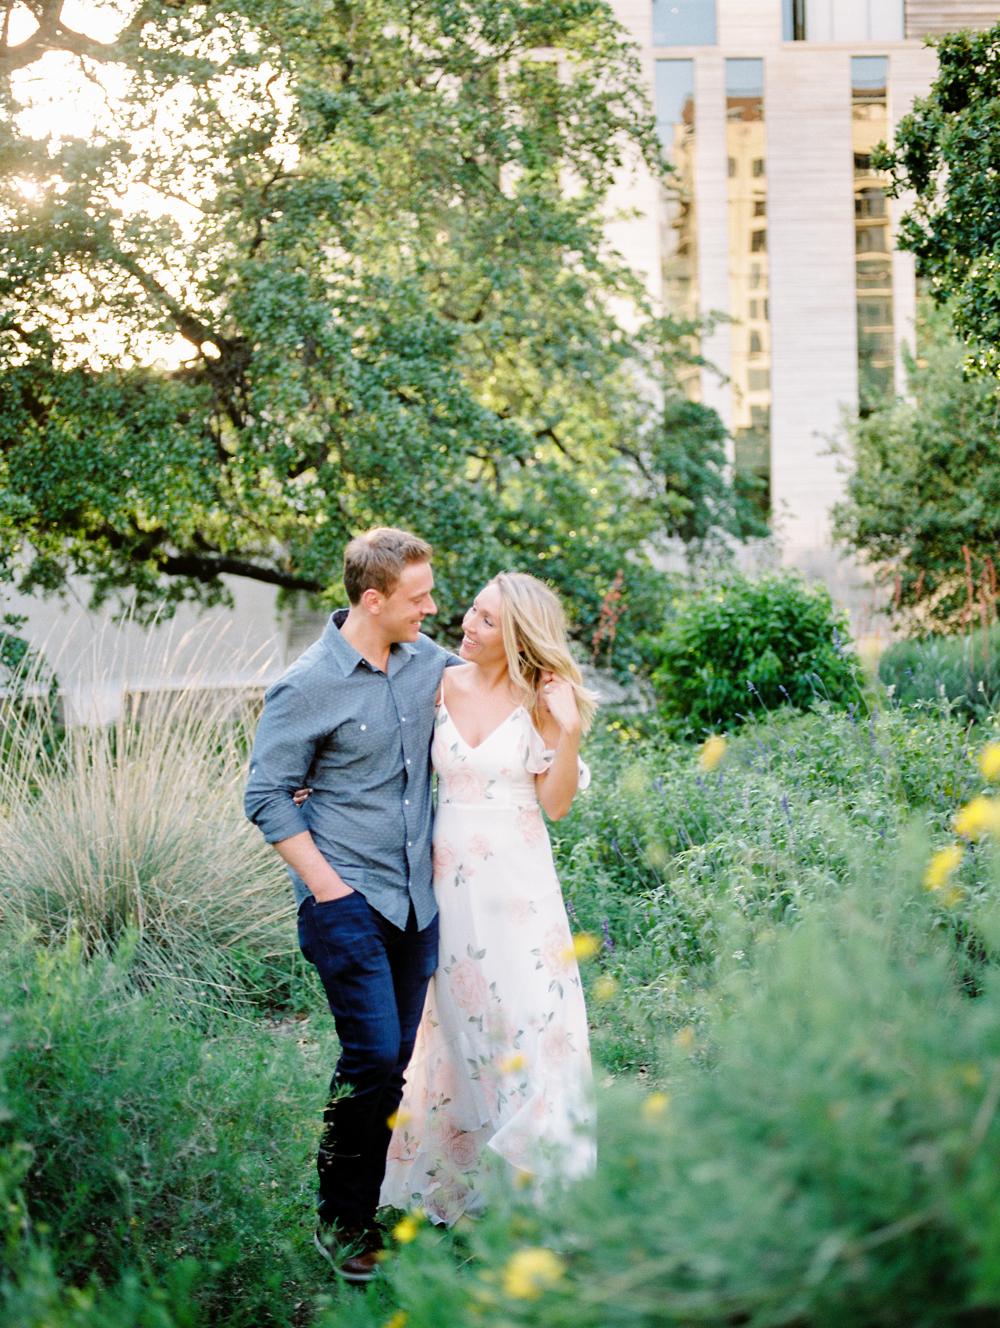 Best-Austin-Denver-California-Wedding-Photographers-fine-art-film-Engagement-Session-18.jpg